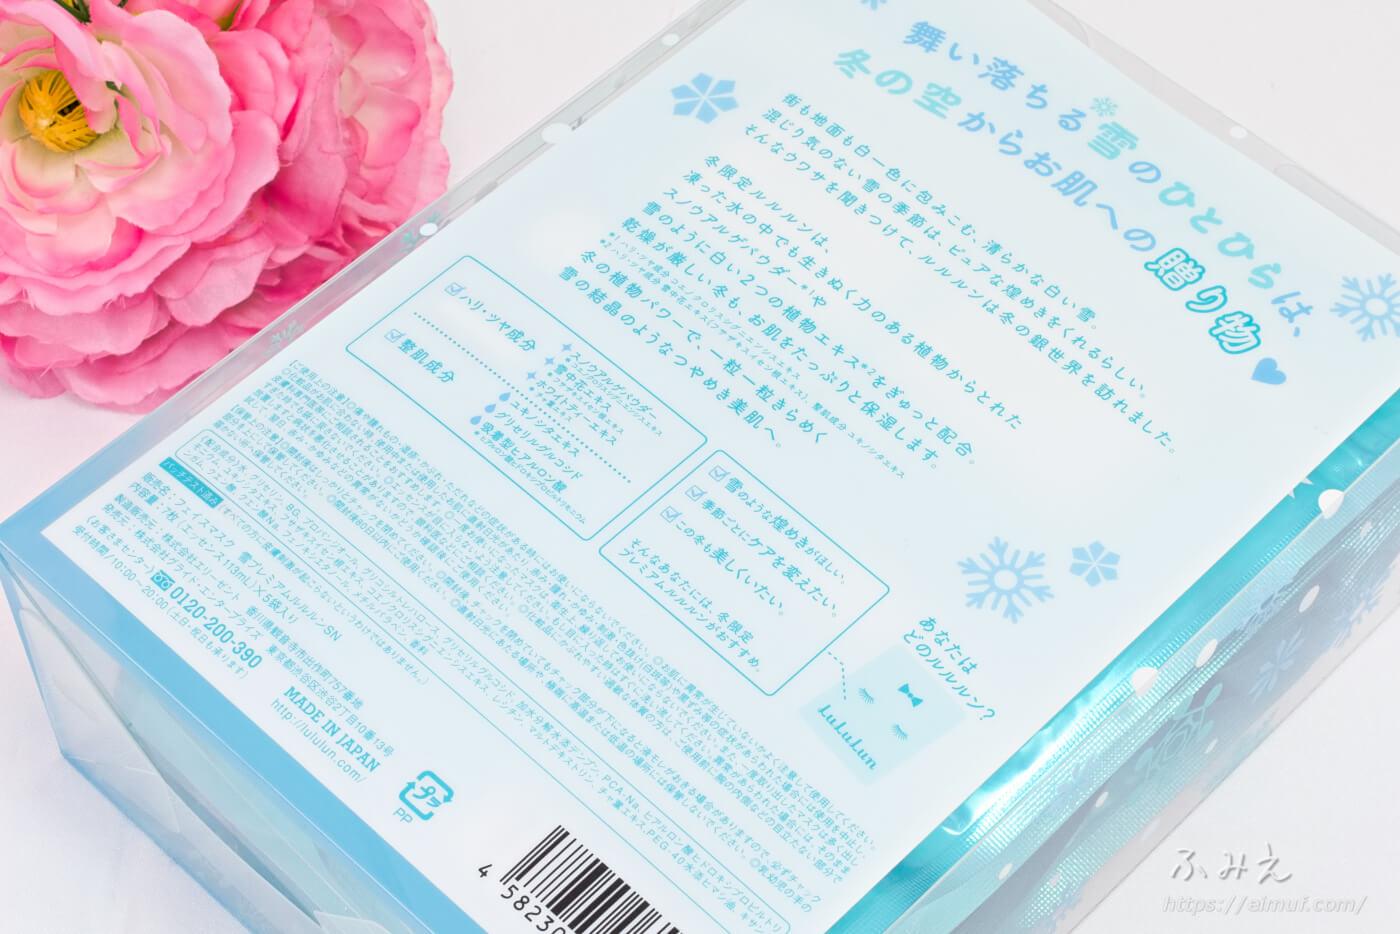 プレミアムルルルン2018 雪(ホワイトバニラの香り) 7枚入り×5個入り パッケージ裏面